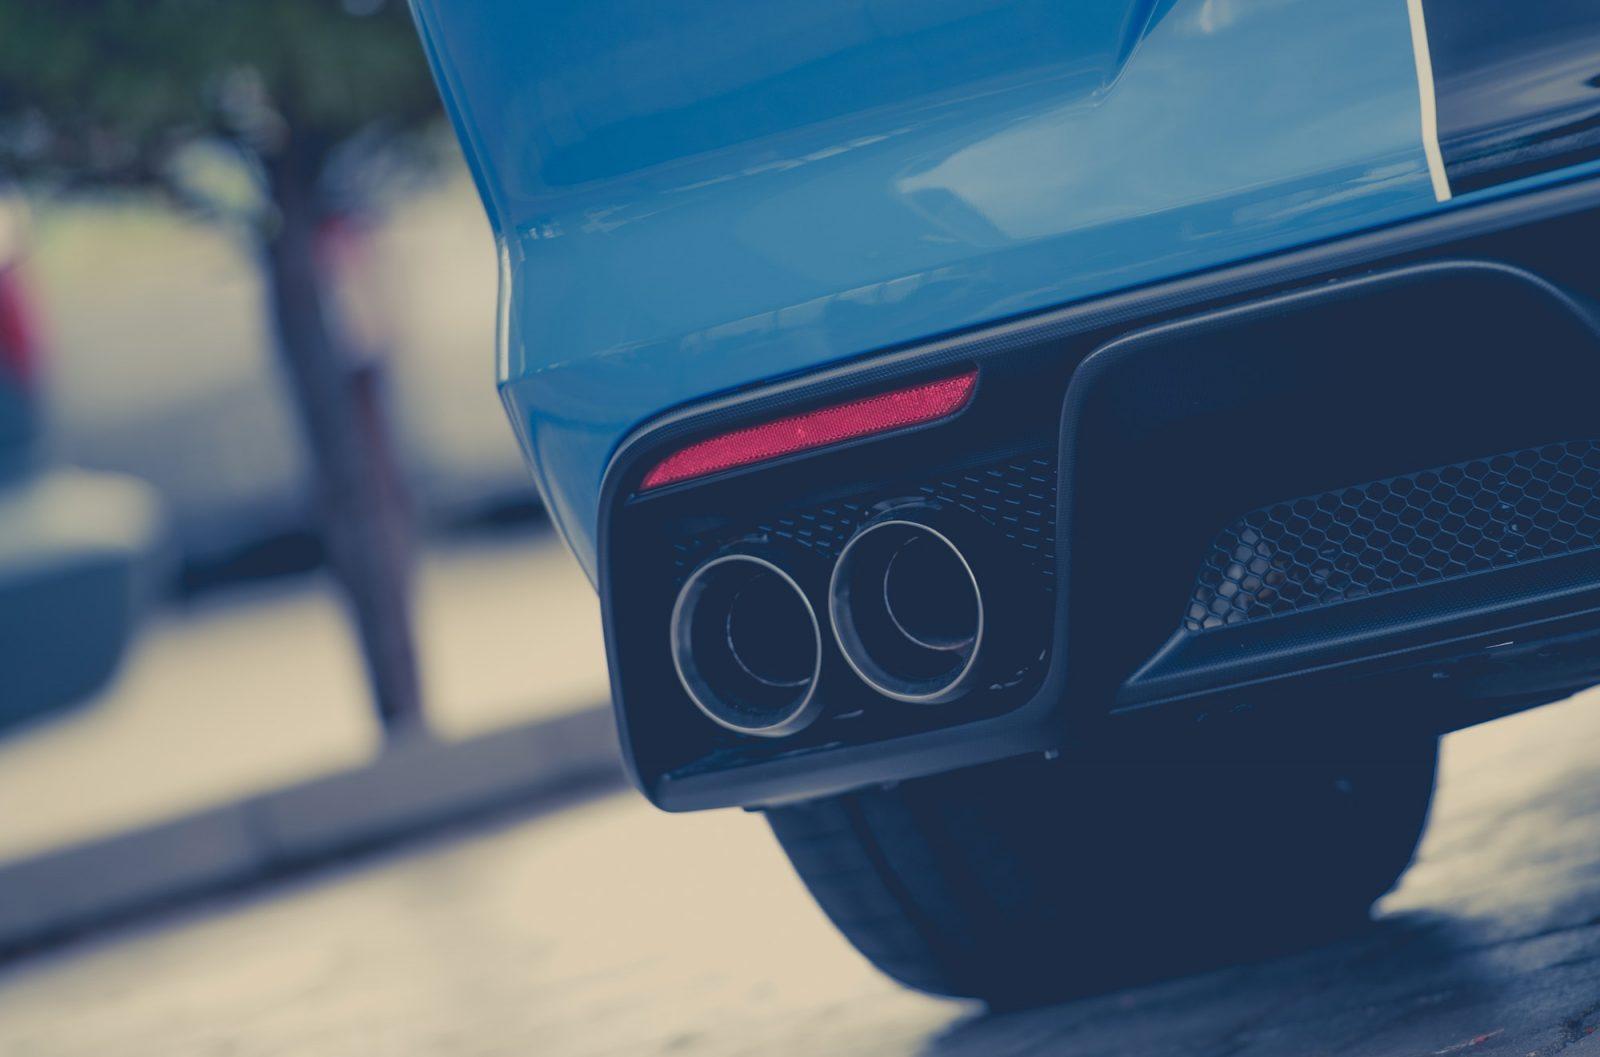 Ανταλλακτικά Αυτοκινήτων Online   Asparts.gr